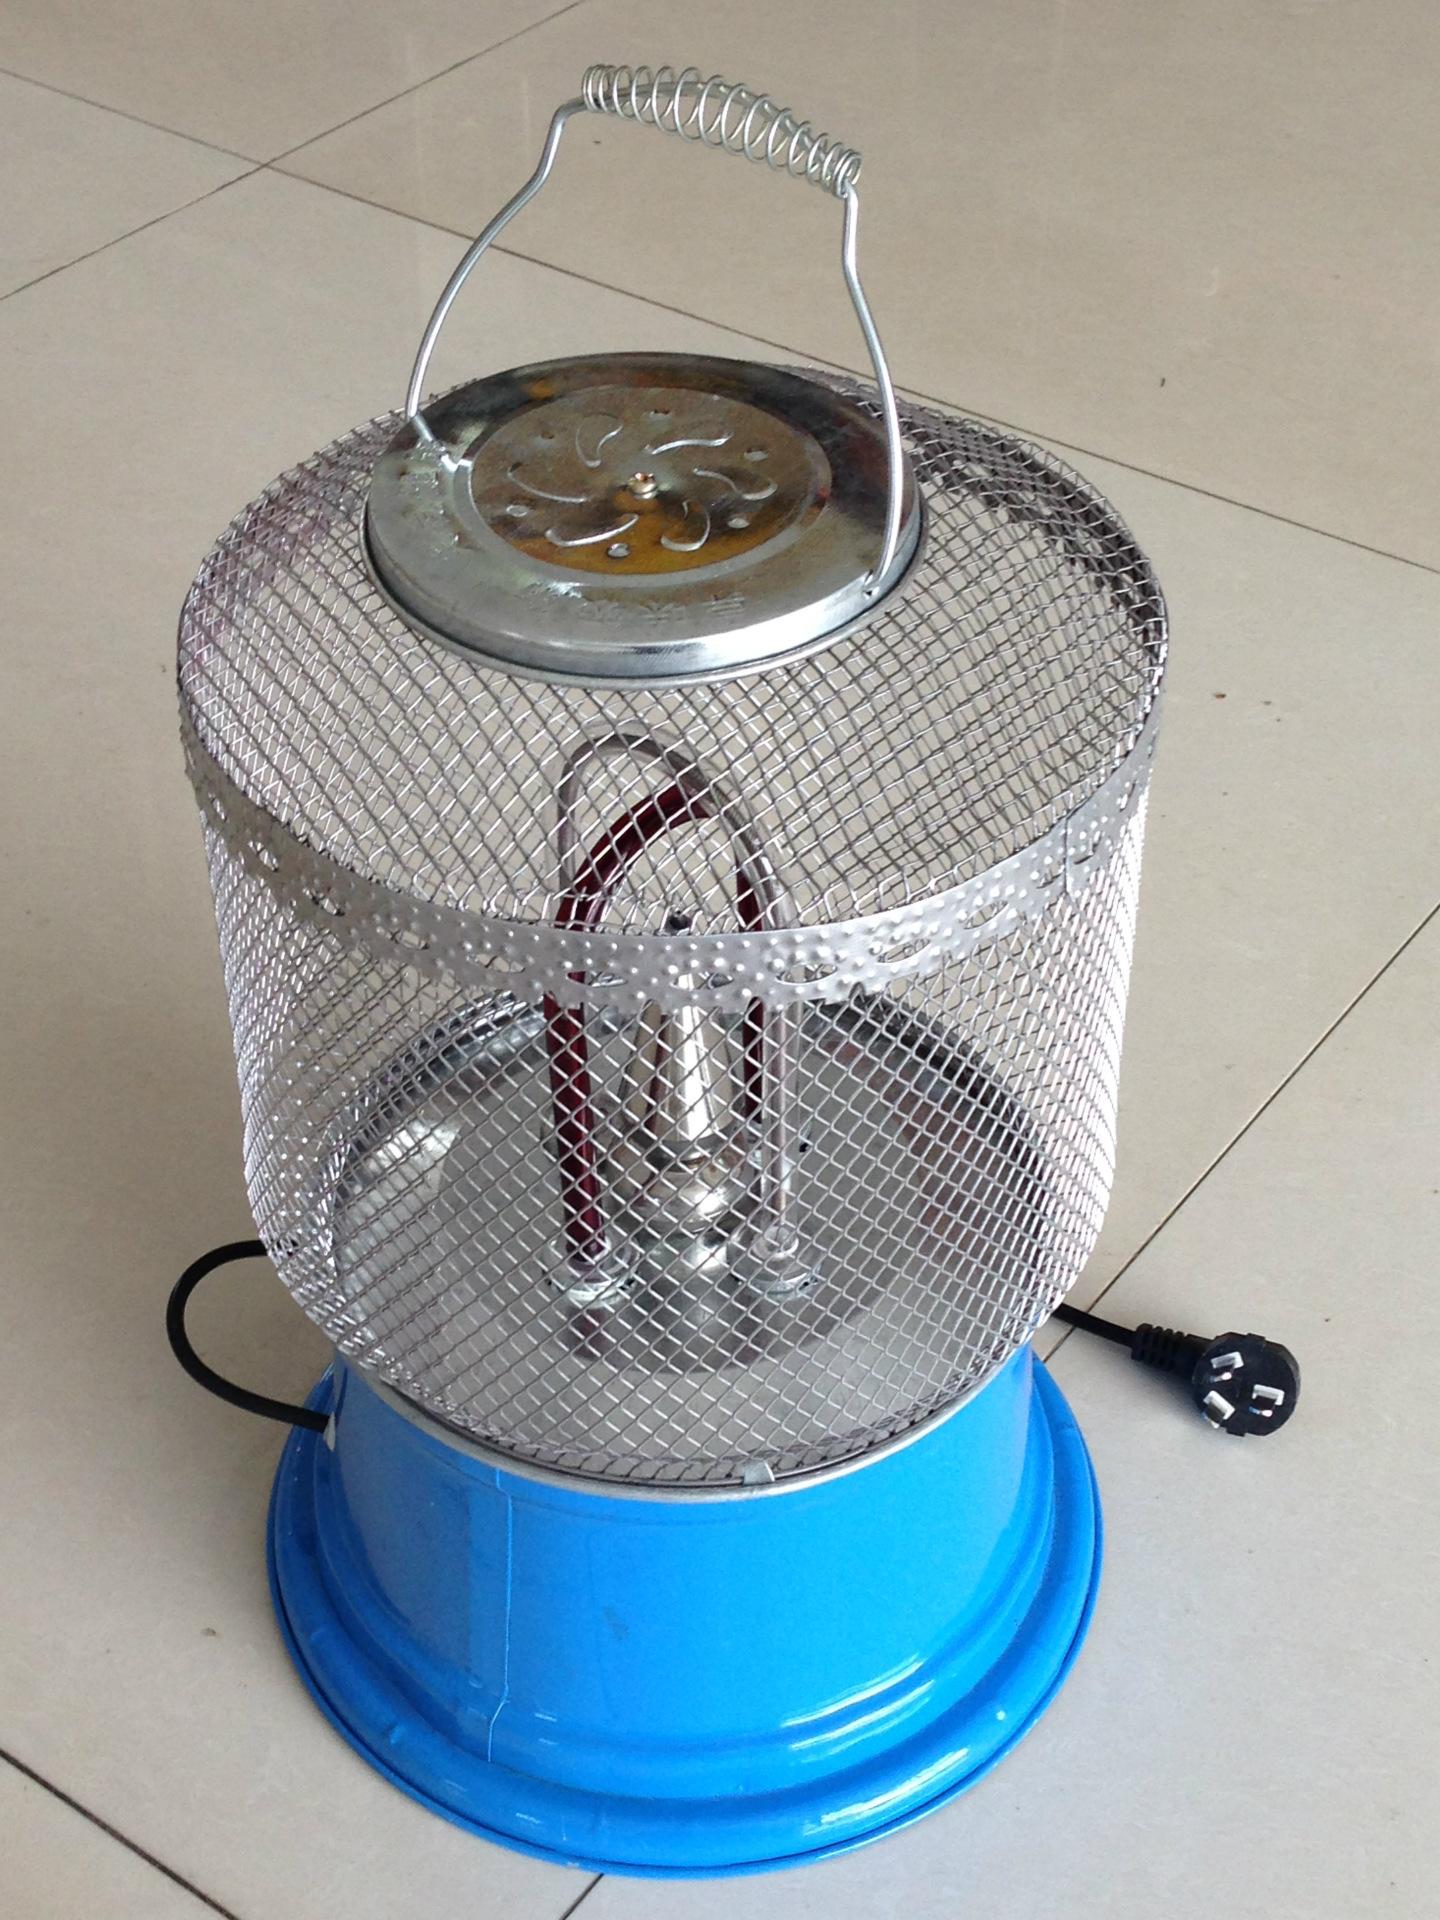 网笼式烤火炉厂家直销取暖器电暖器湖南厂家直销无烟电烤炉